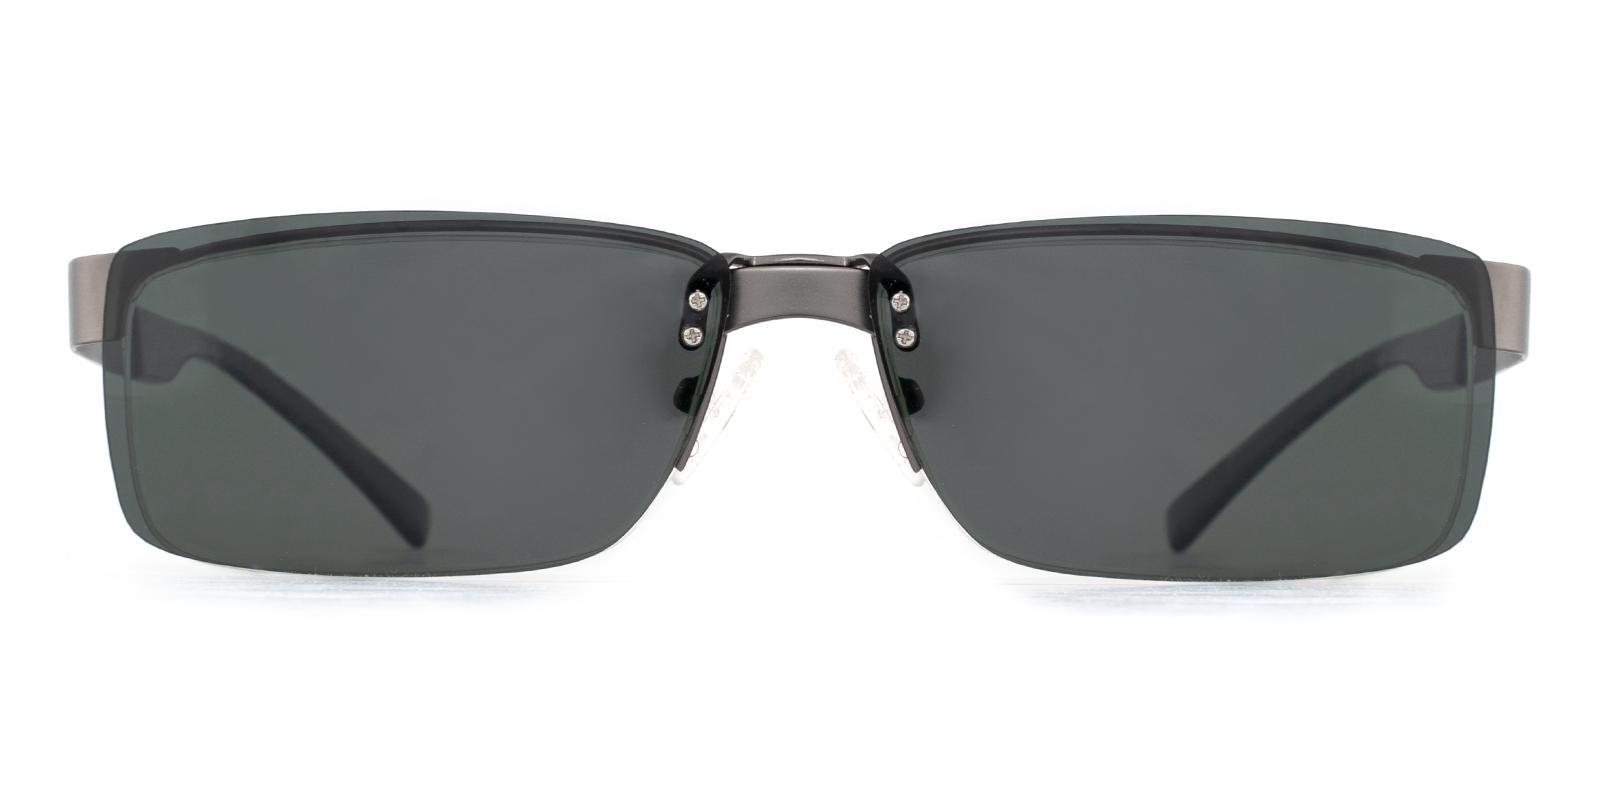 Earth Gun Metal Eyeglasses , NosePads Frames from ABBE Glasses